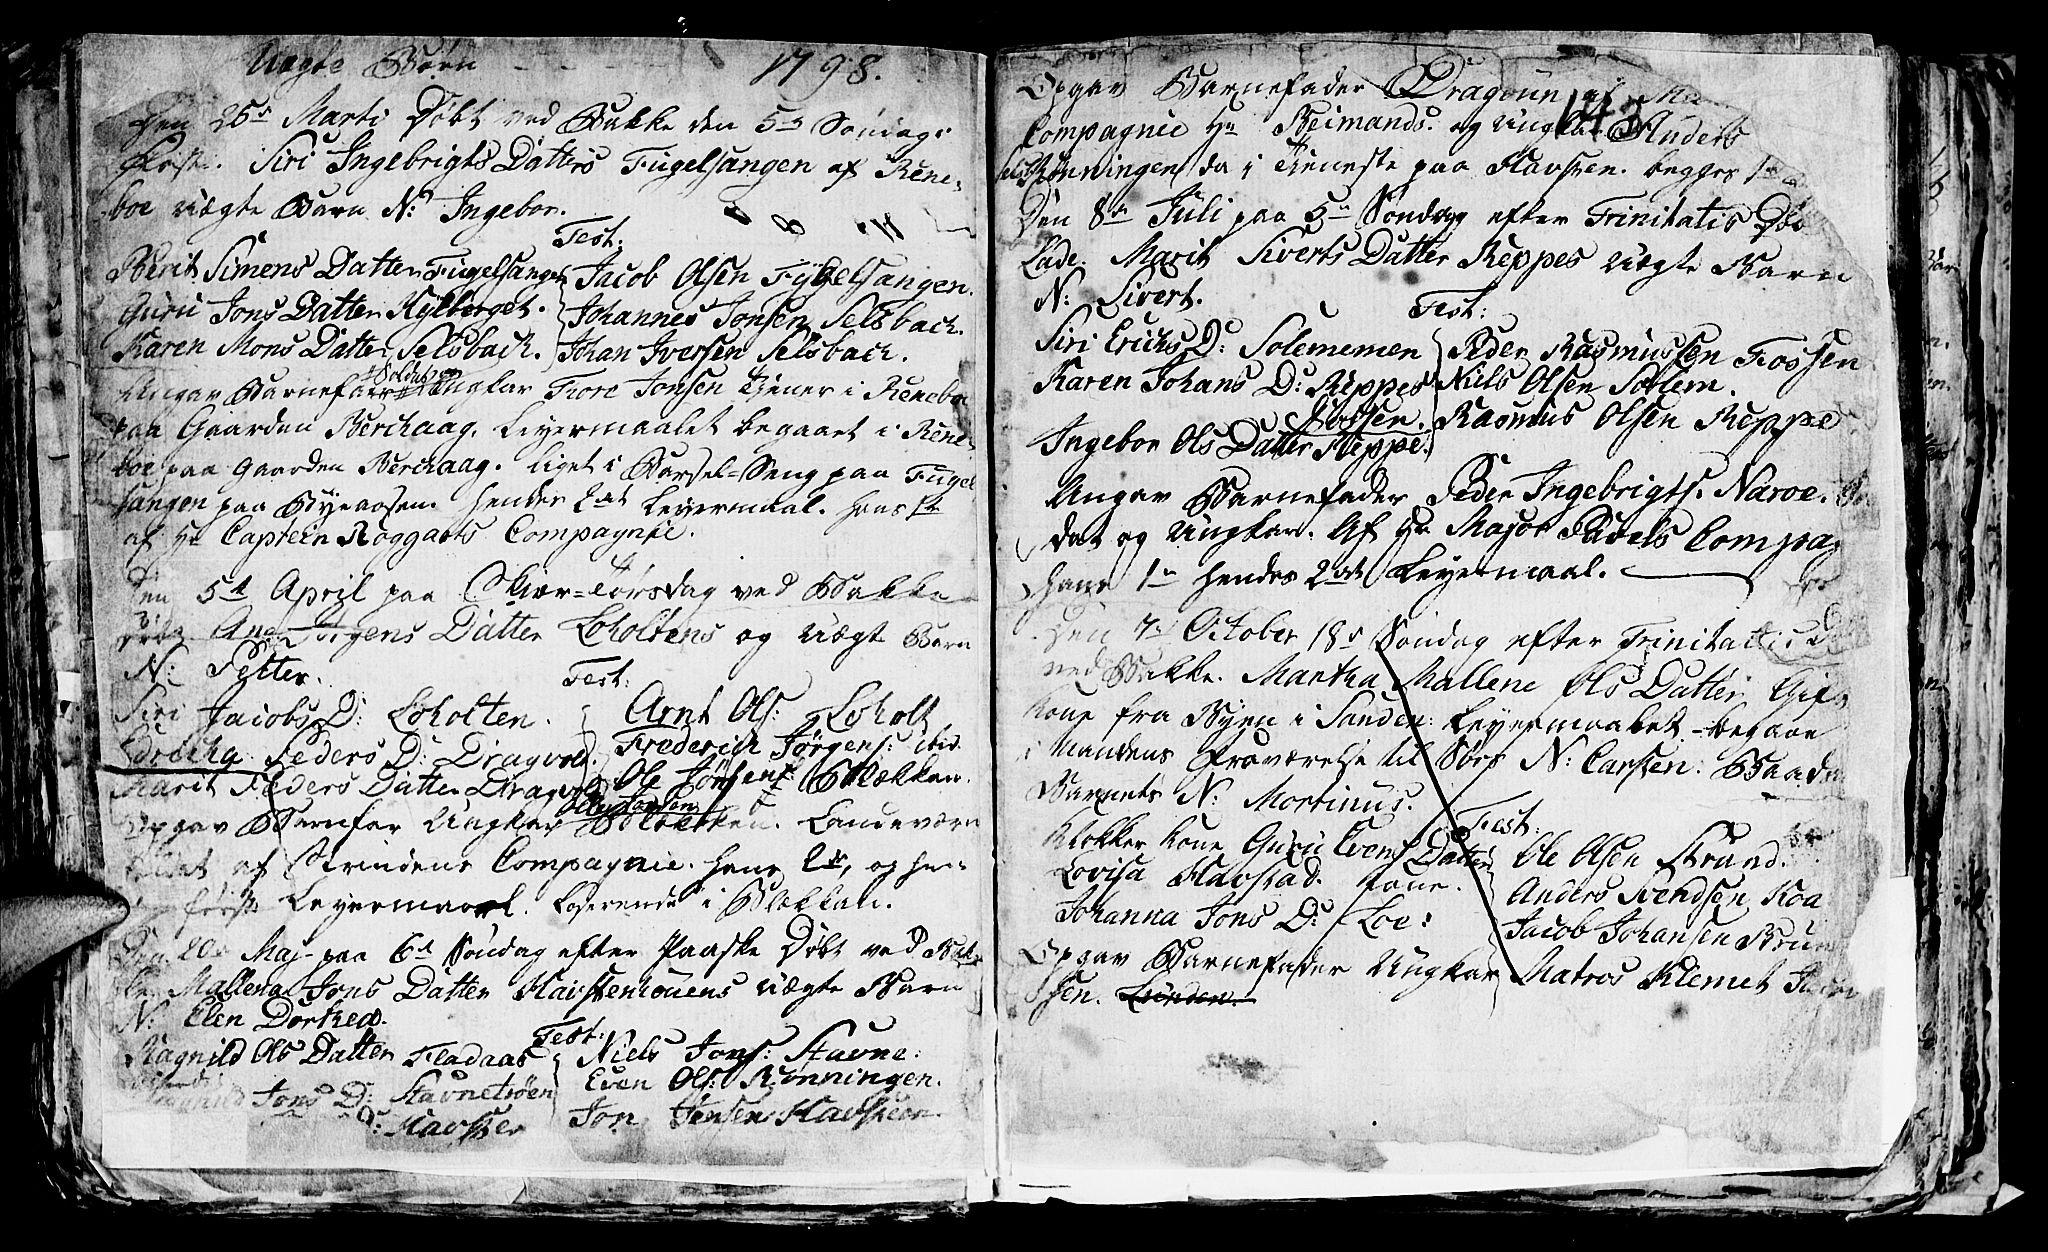 SAT, Ministerialprotokoller, klokkerbøker og fødselsregistre - Sør-Trøndelag, 606/L0305: Klokkerbok nr. 606C01, 1757-1819, s. 143